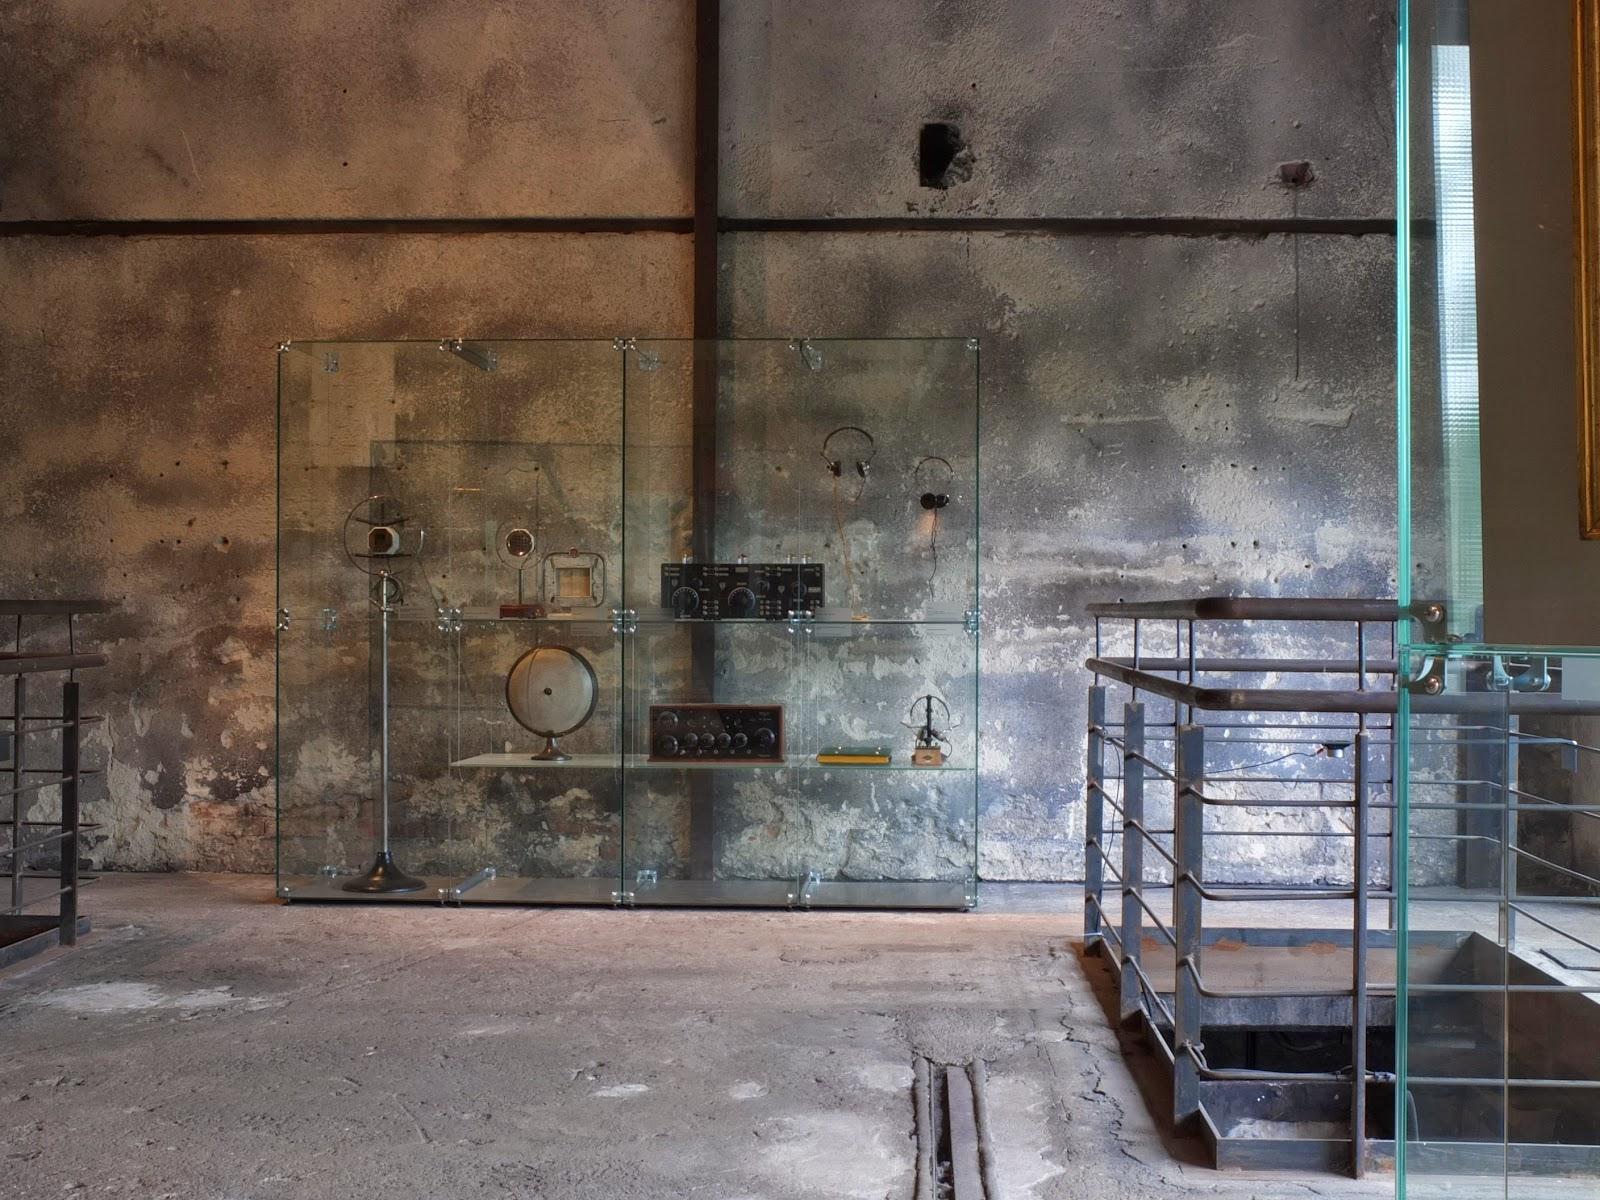 Ausstellunsgvitrine der Welkriegsausstellung auf Zollverein in Essen